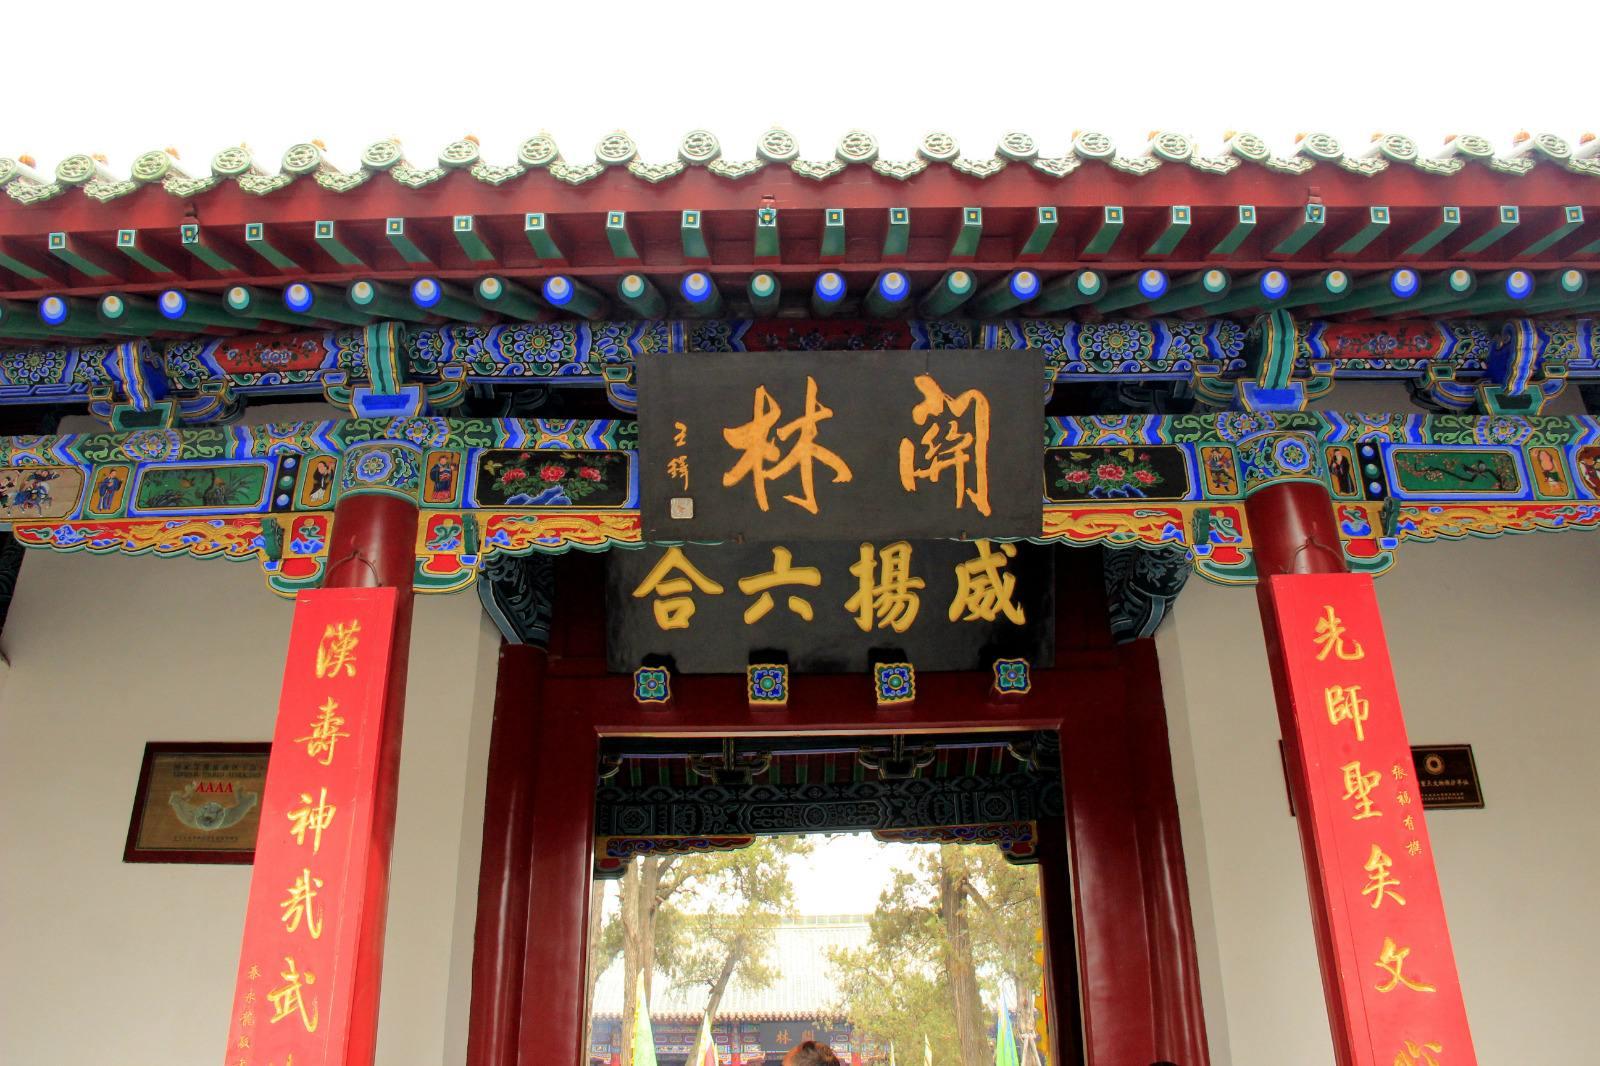 关林旅游攻略及景区游览线路